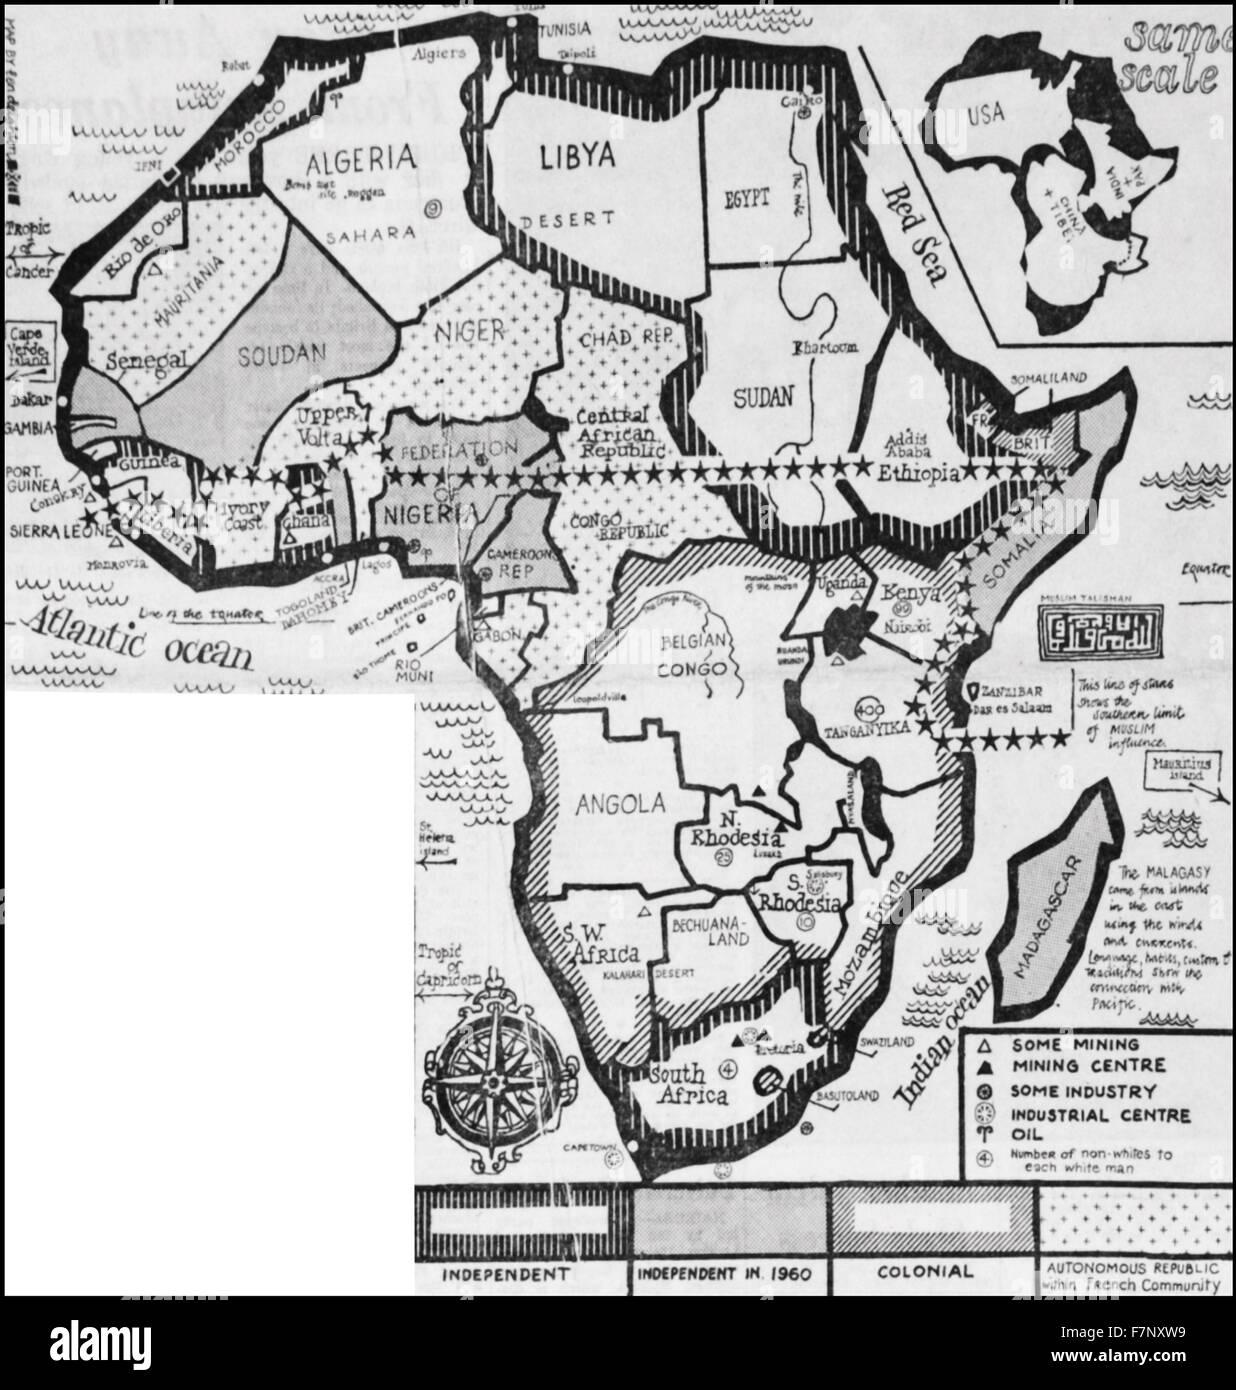 Karte Afrika Kolonien.Karte Von Afrika Zeigt Der Unabhangigen Staaten Und Der